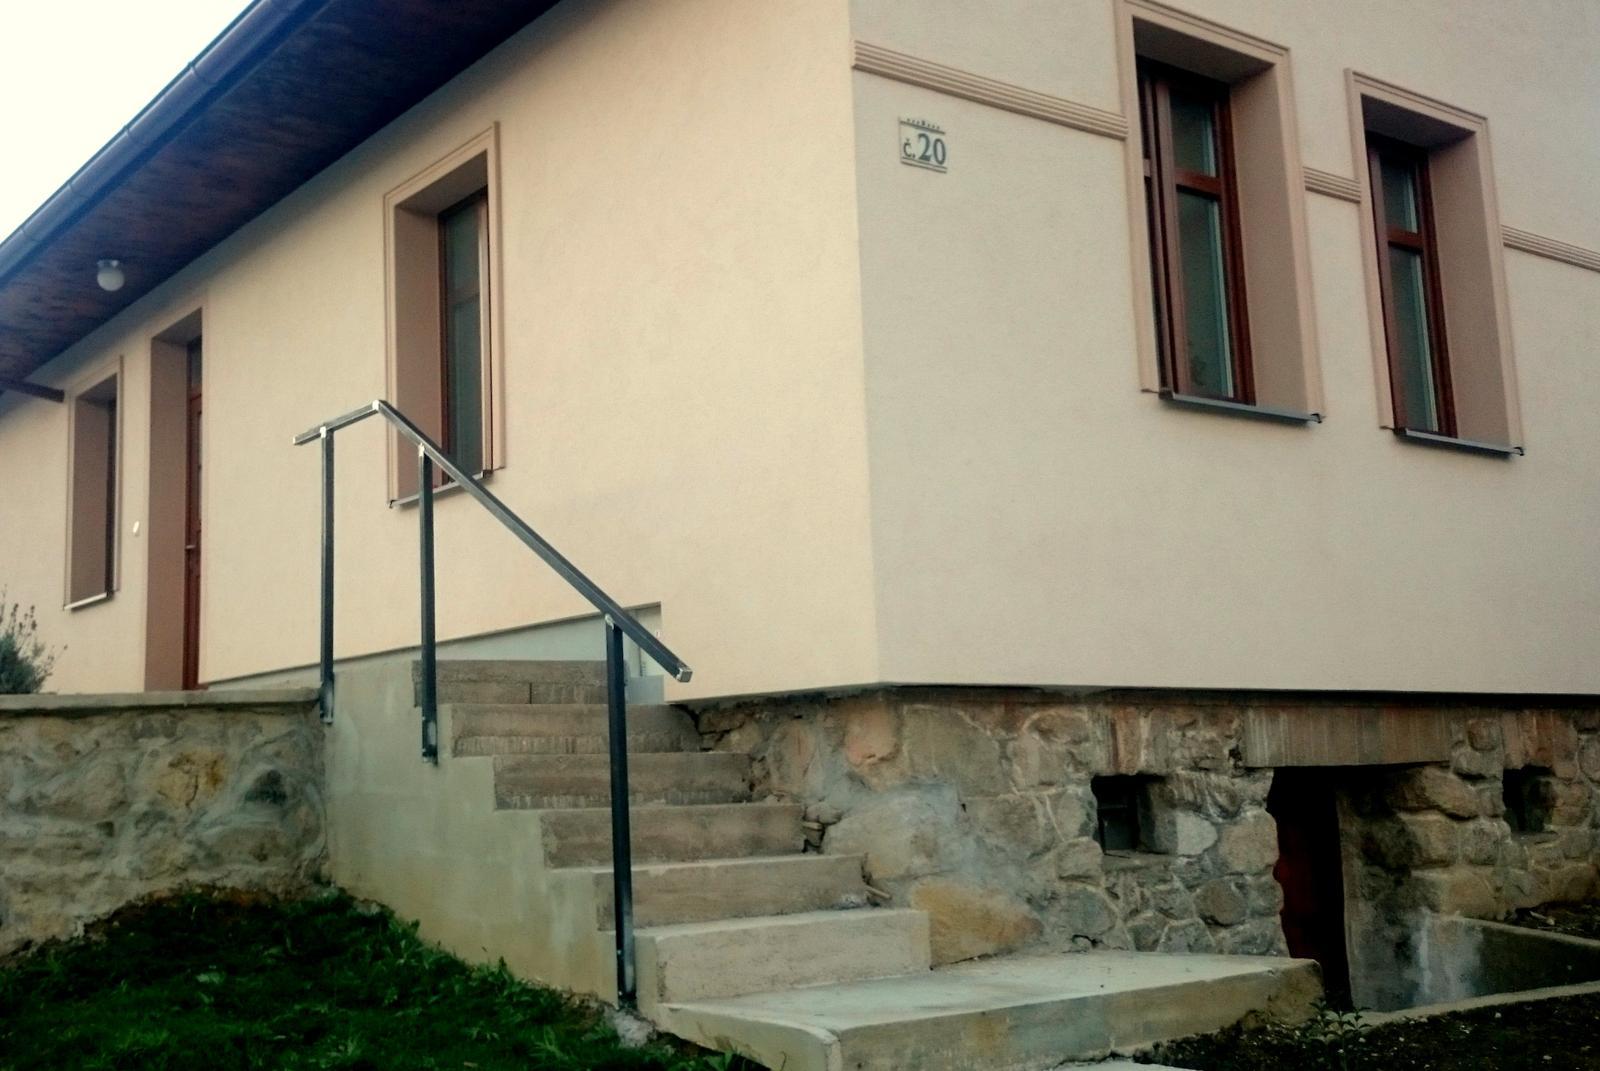 Rekonštrukcia domčeka z roku 1937 - 2015 - prišlo aj na zábradlie, aby nám niekto nespadol zo schodov. Štýlové keramické číslo domu sme si doniesli z Prahy - pod Karlovým mostom bol trh starých remesiel